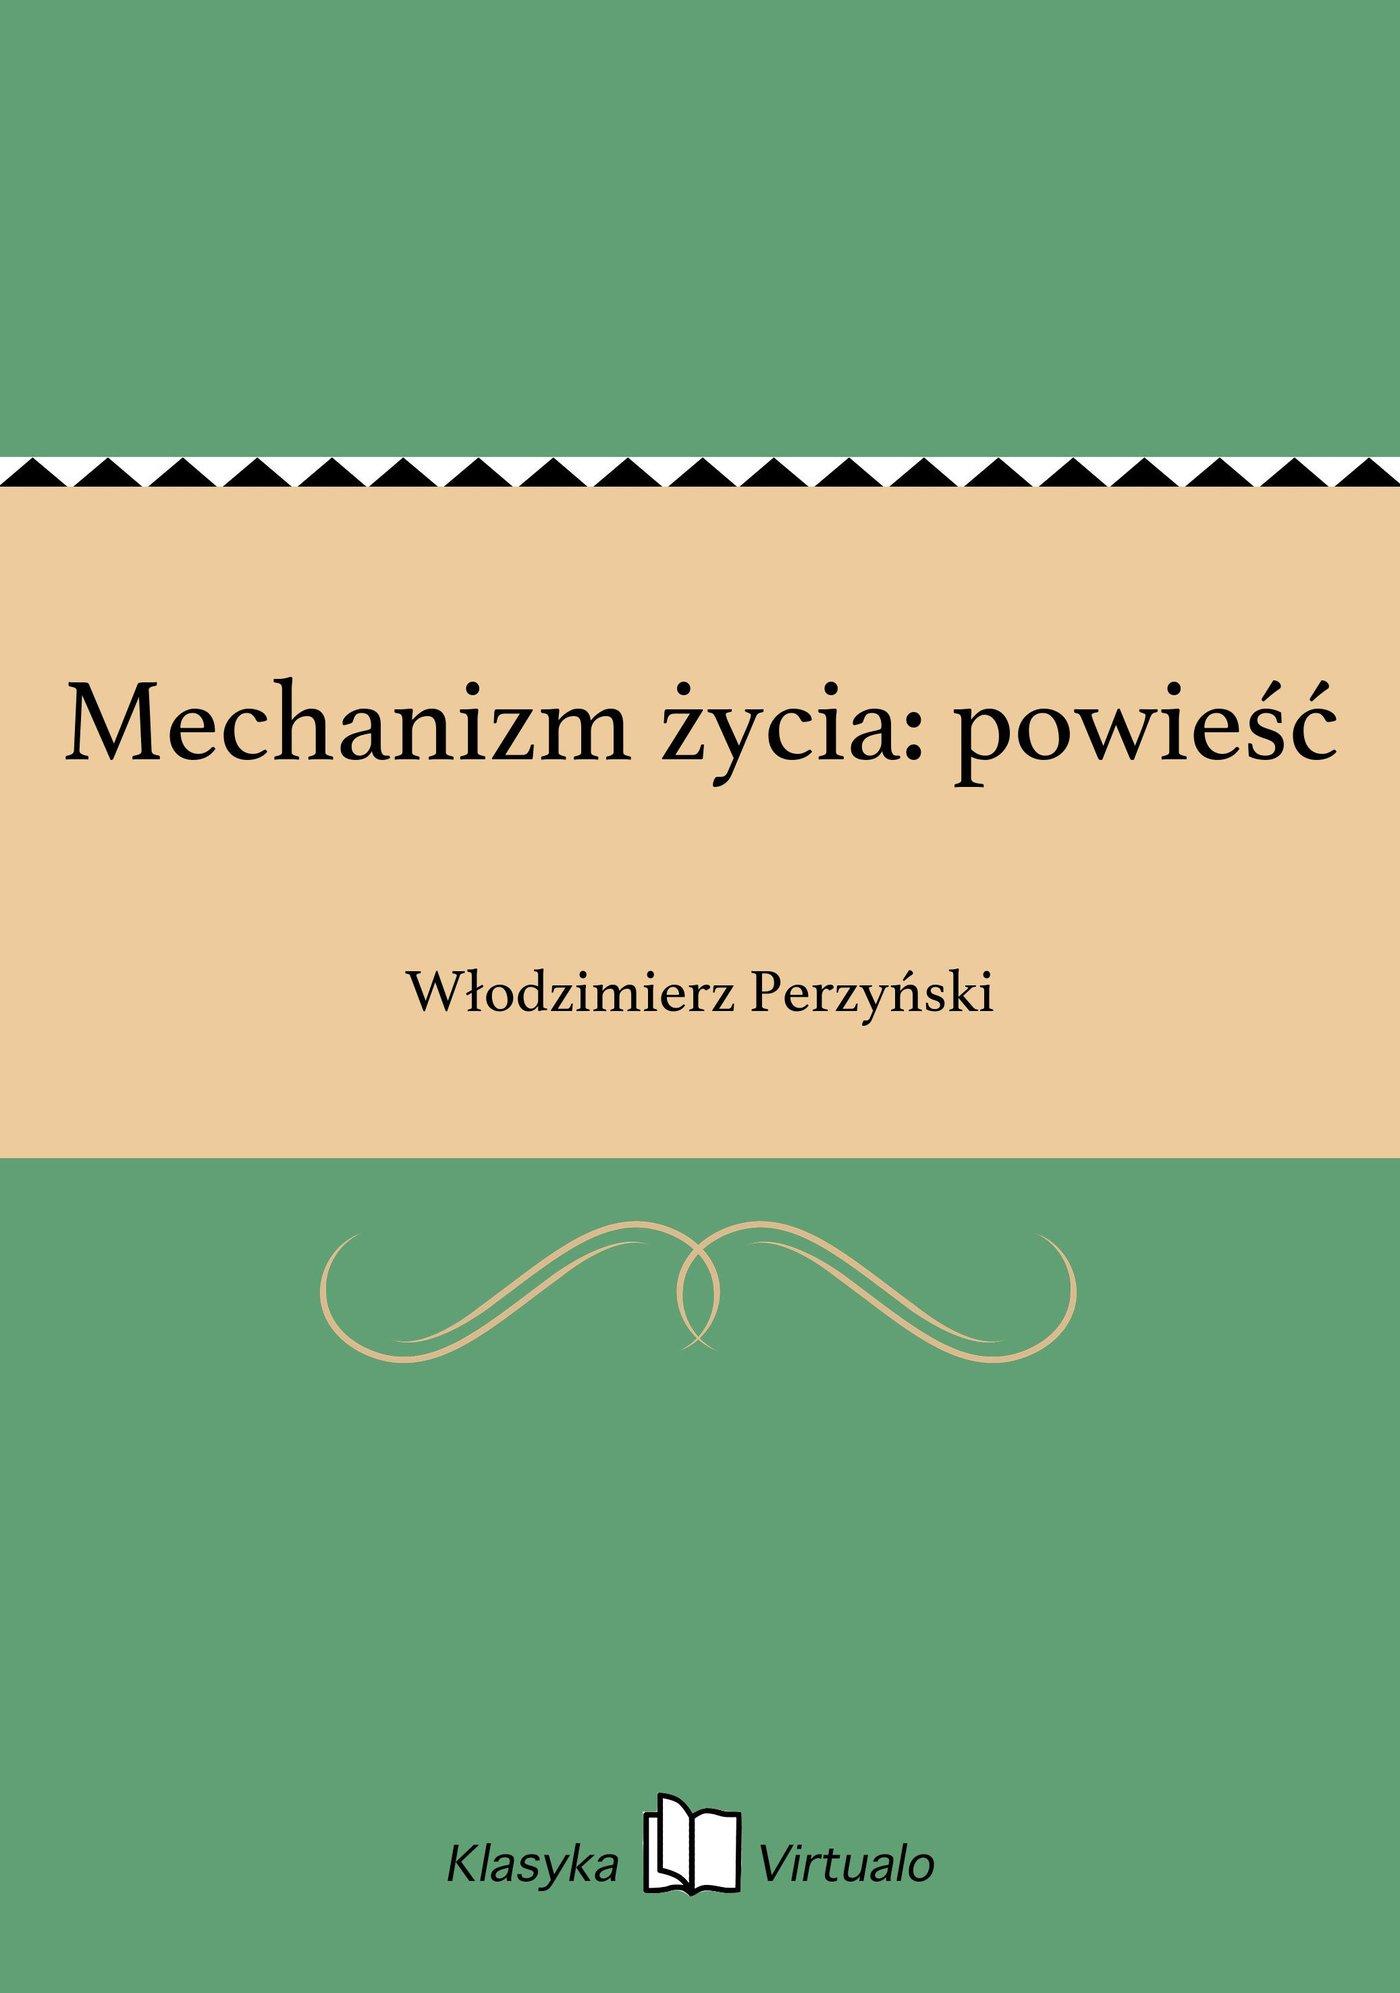 Mechanizm życia: powieść - Ebook (Książka EPUB) do pobrania w formacie EPUB